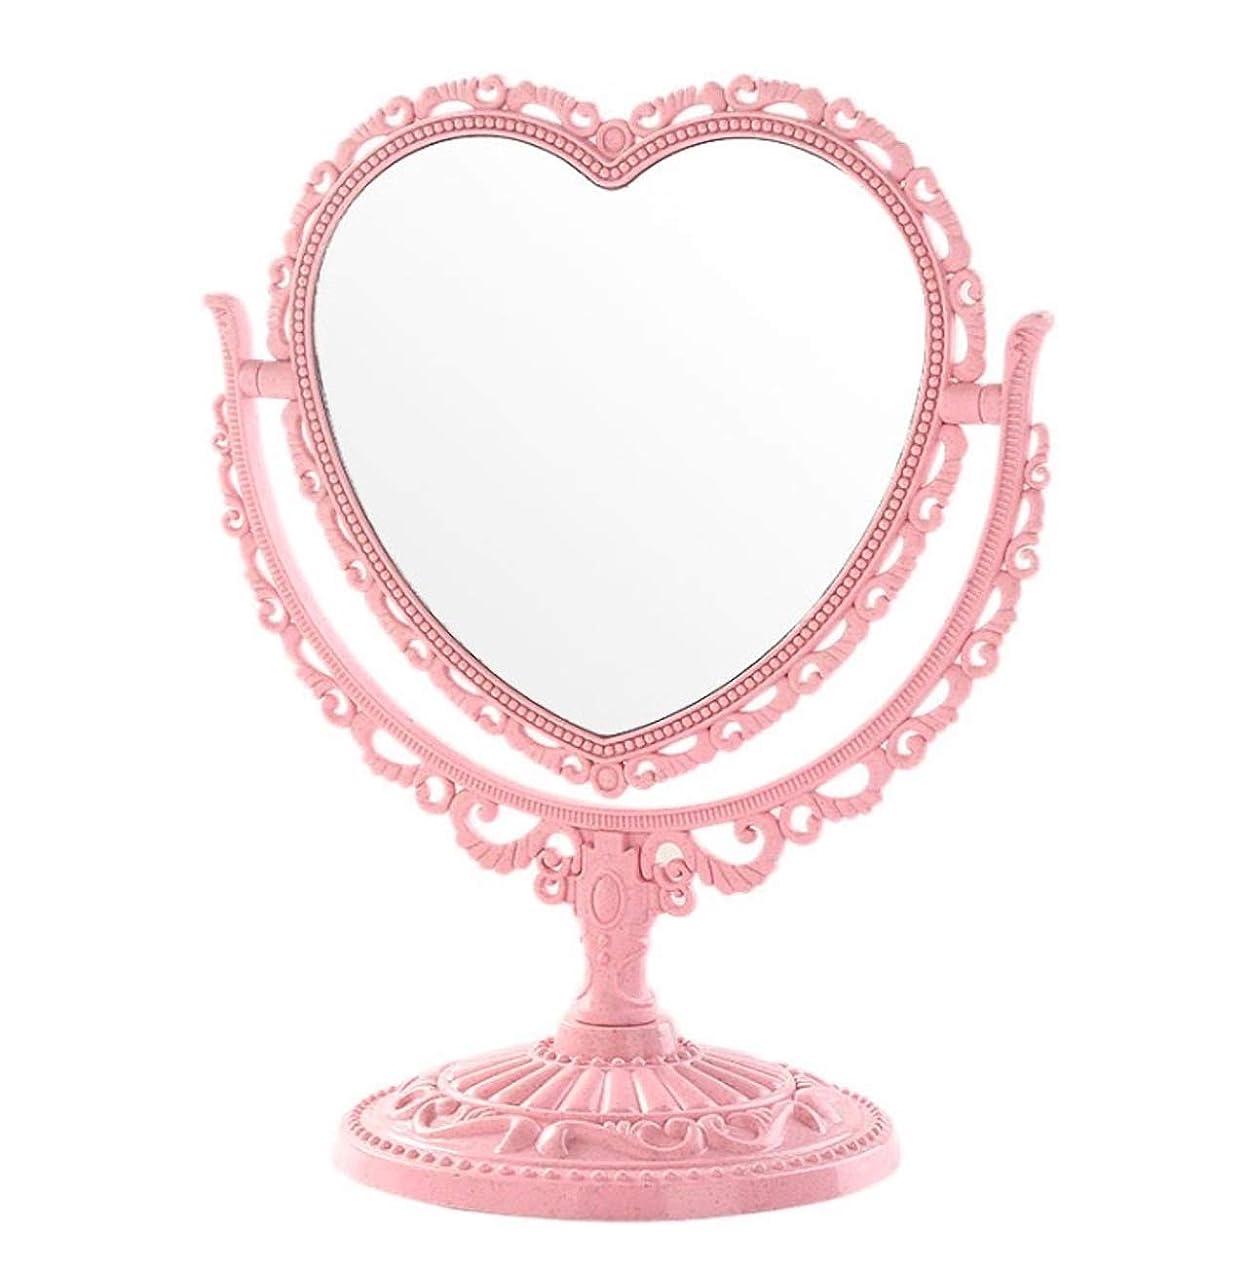 差別的悪いリース[クイーンビー] 卓上 ミラー ハート 型 かわいい お洒落 メイク アップ コスメ 美容 化粧 鏡 スタンド 360度 回転 女の子 お姫様 便利 デスク プレゼント (ピンク)